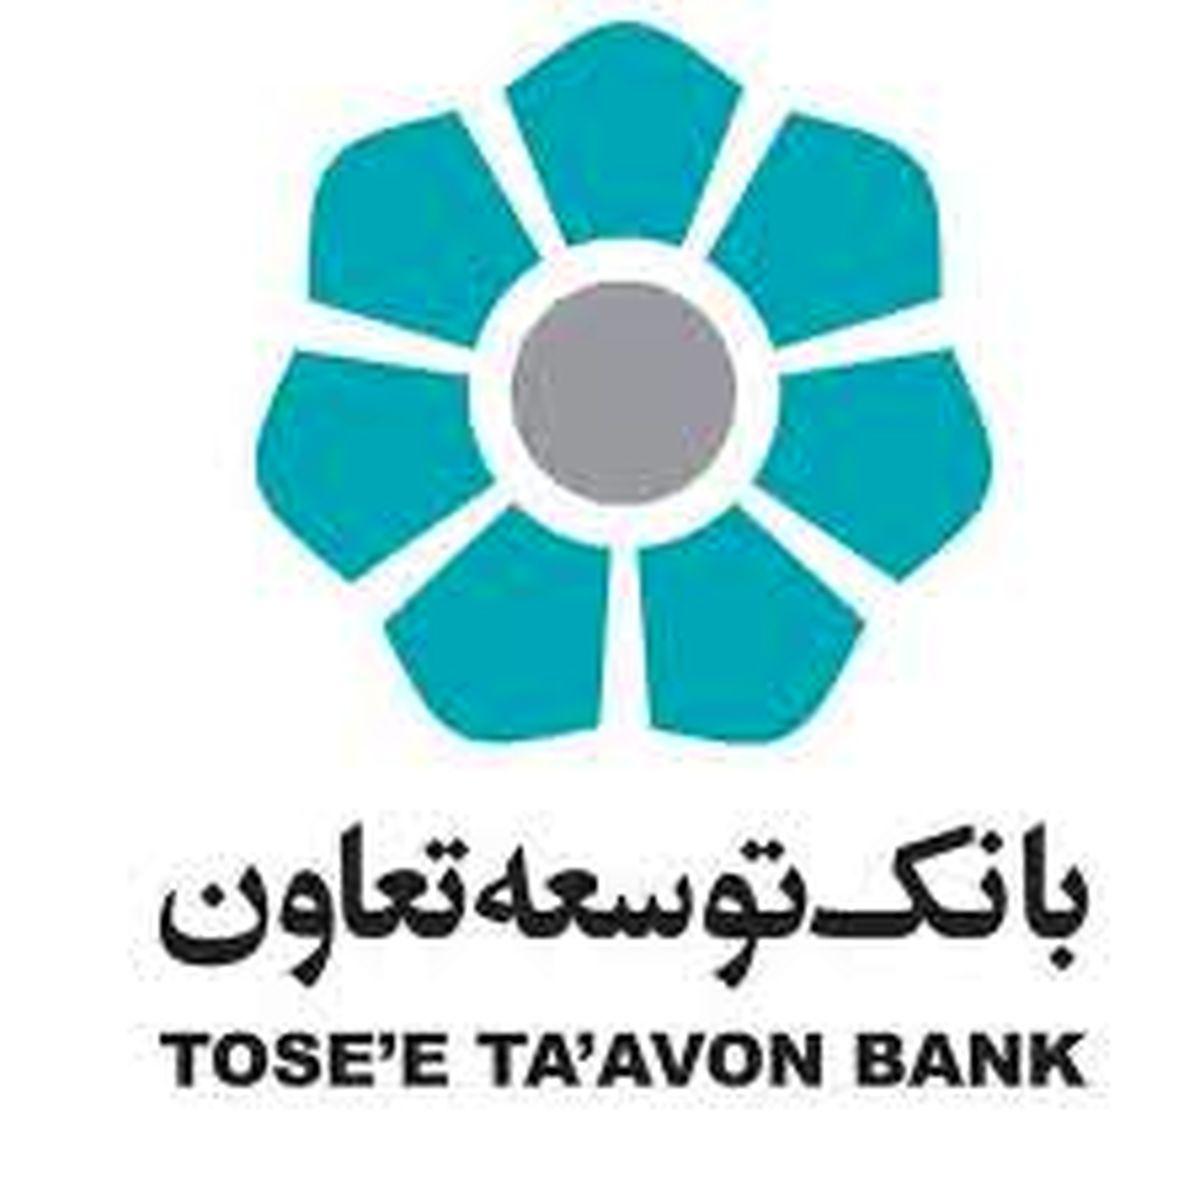 قطع موقت سامانه ساتنا در بانک توسعه تعاون به منظور اعمال تغییرات